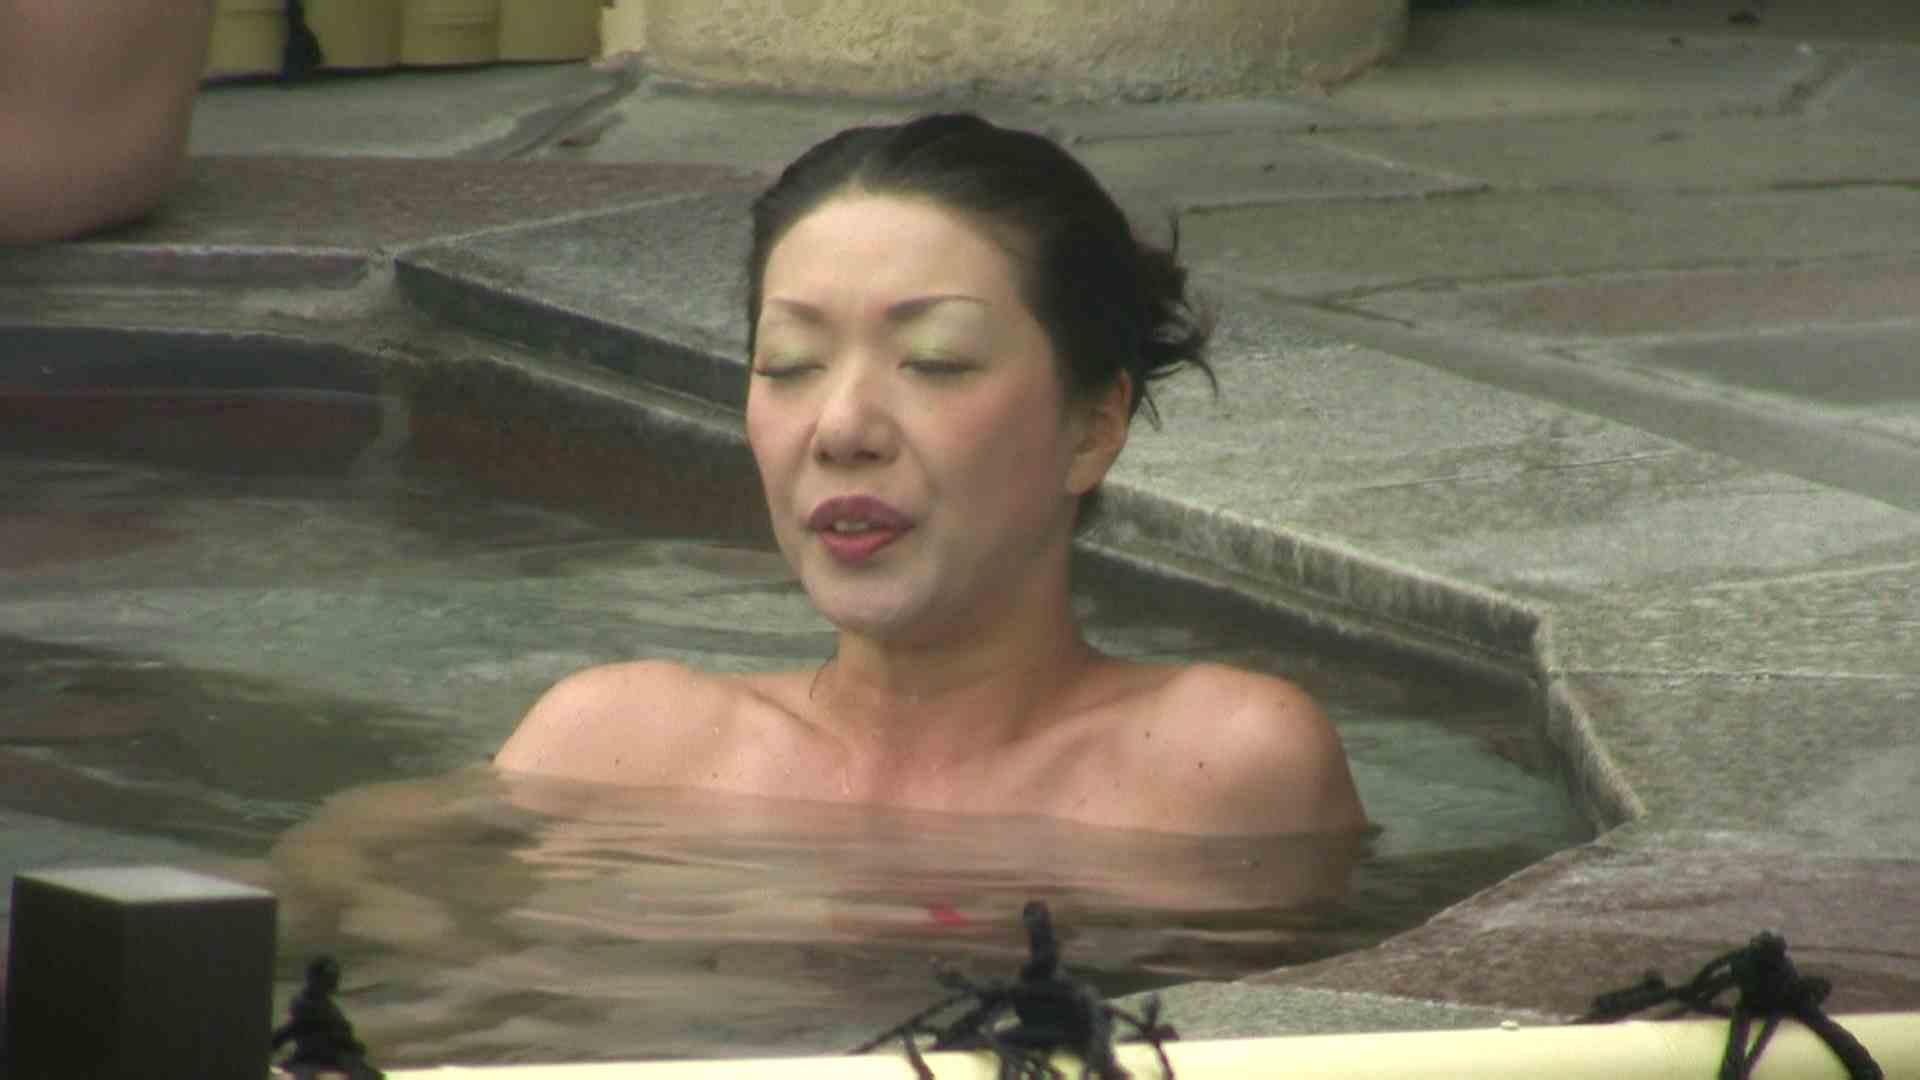 高画質露天女風呂観察 vol.036 高画質   OLのプライベート  13pic 1